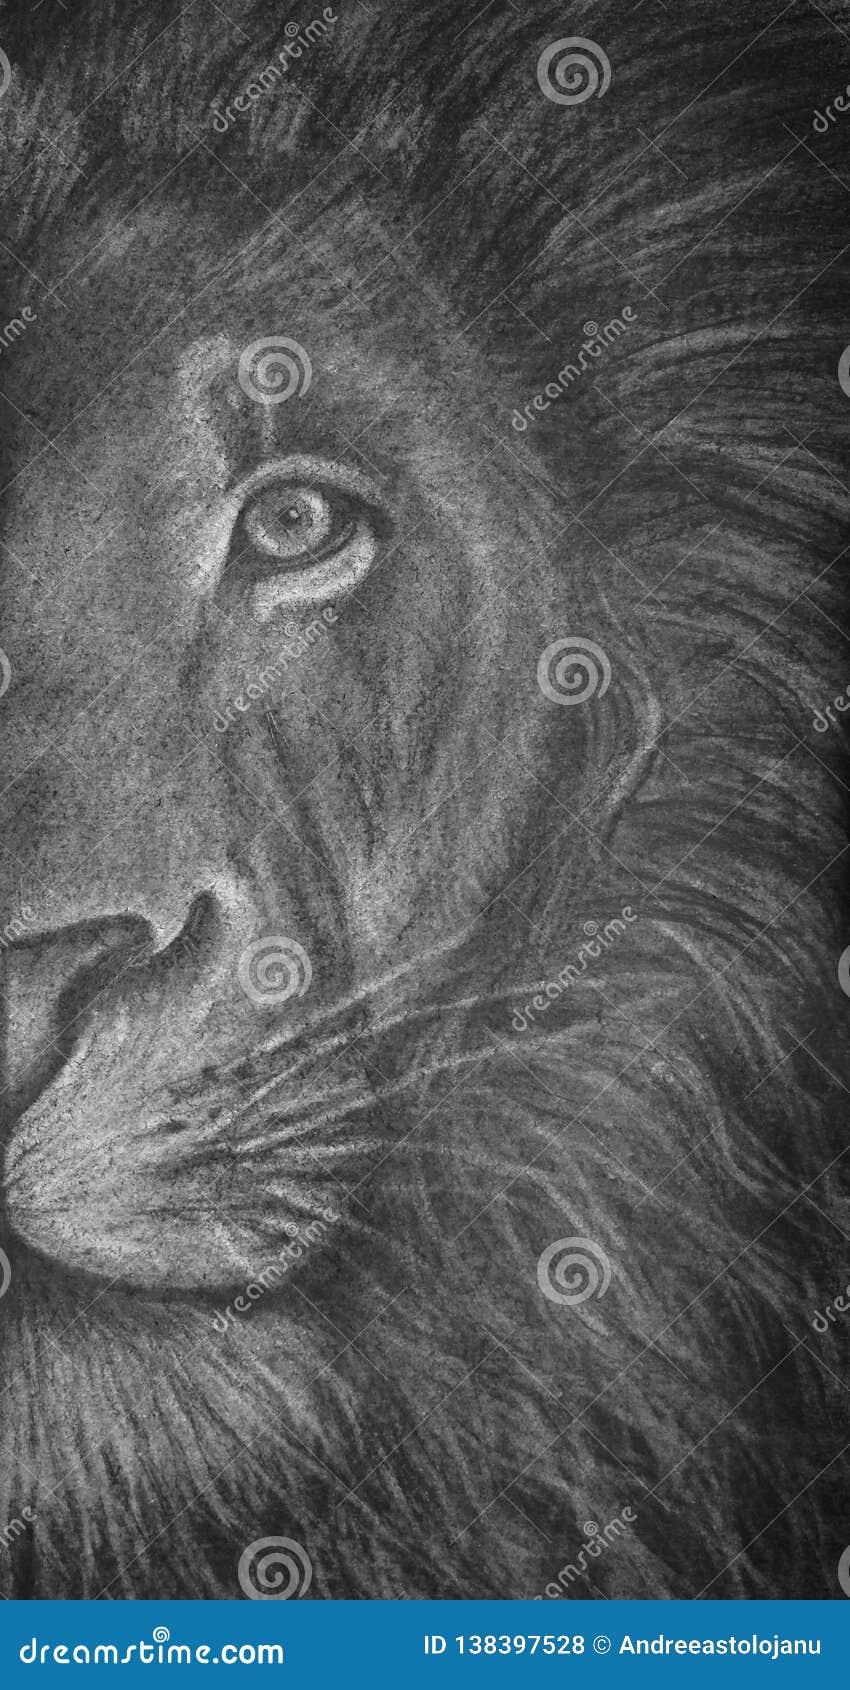 Dibujo de carbón de leña de la mitad-cabeza de un león, retrato del animal salvaje en blanco y negro, felino